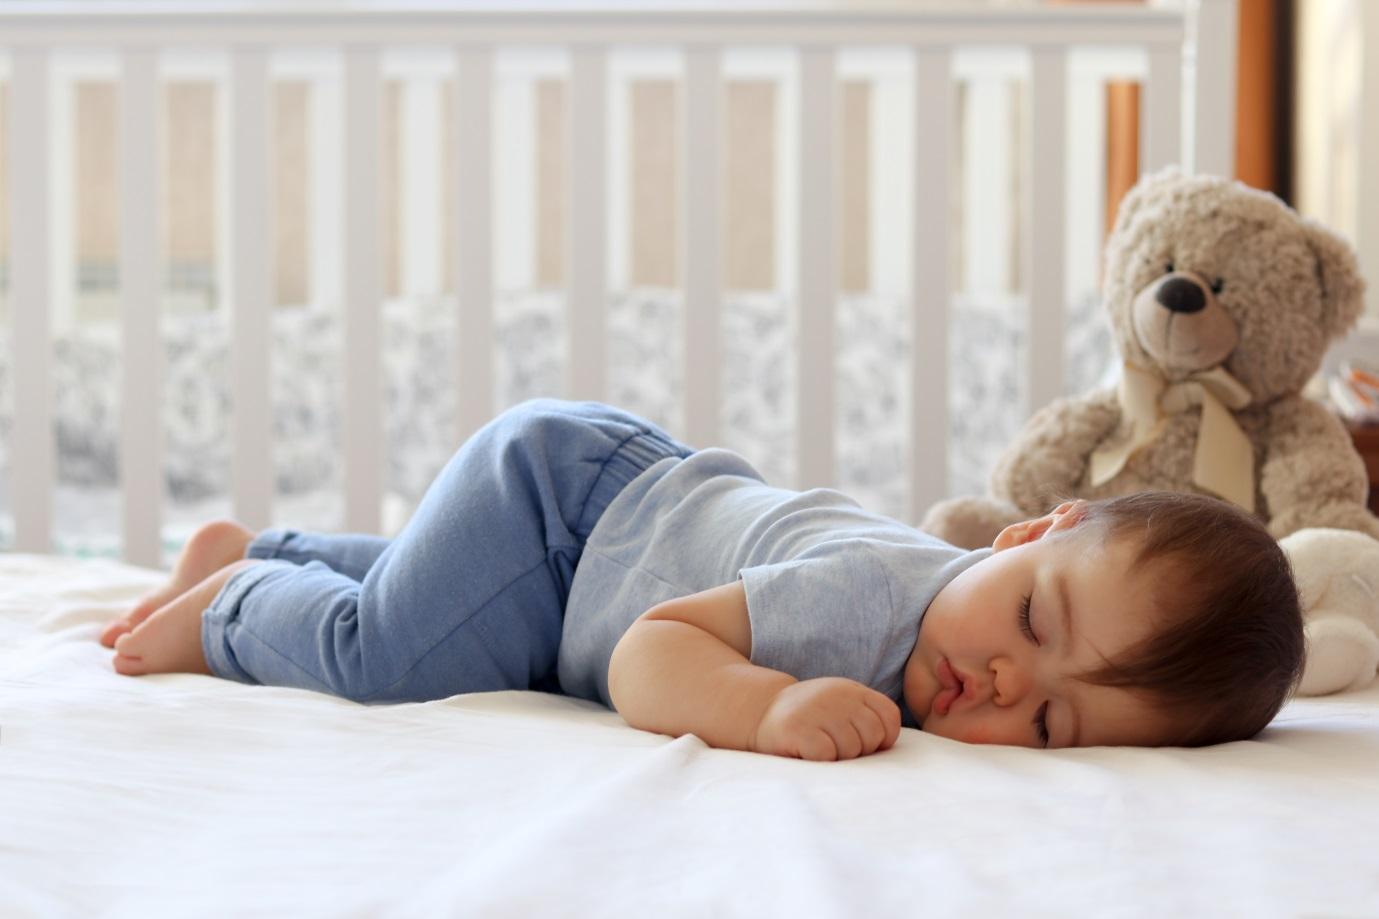 Sering Terbangun, Bagaimana Cara Meningkatkan Kualitas Tidur Bayi?